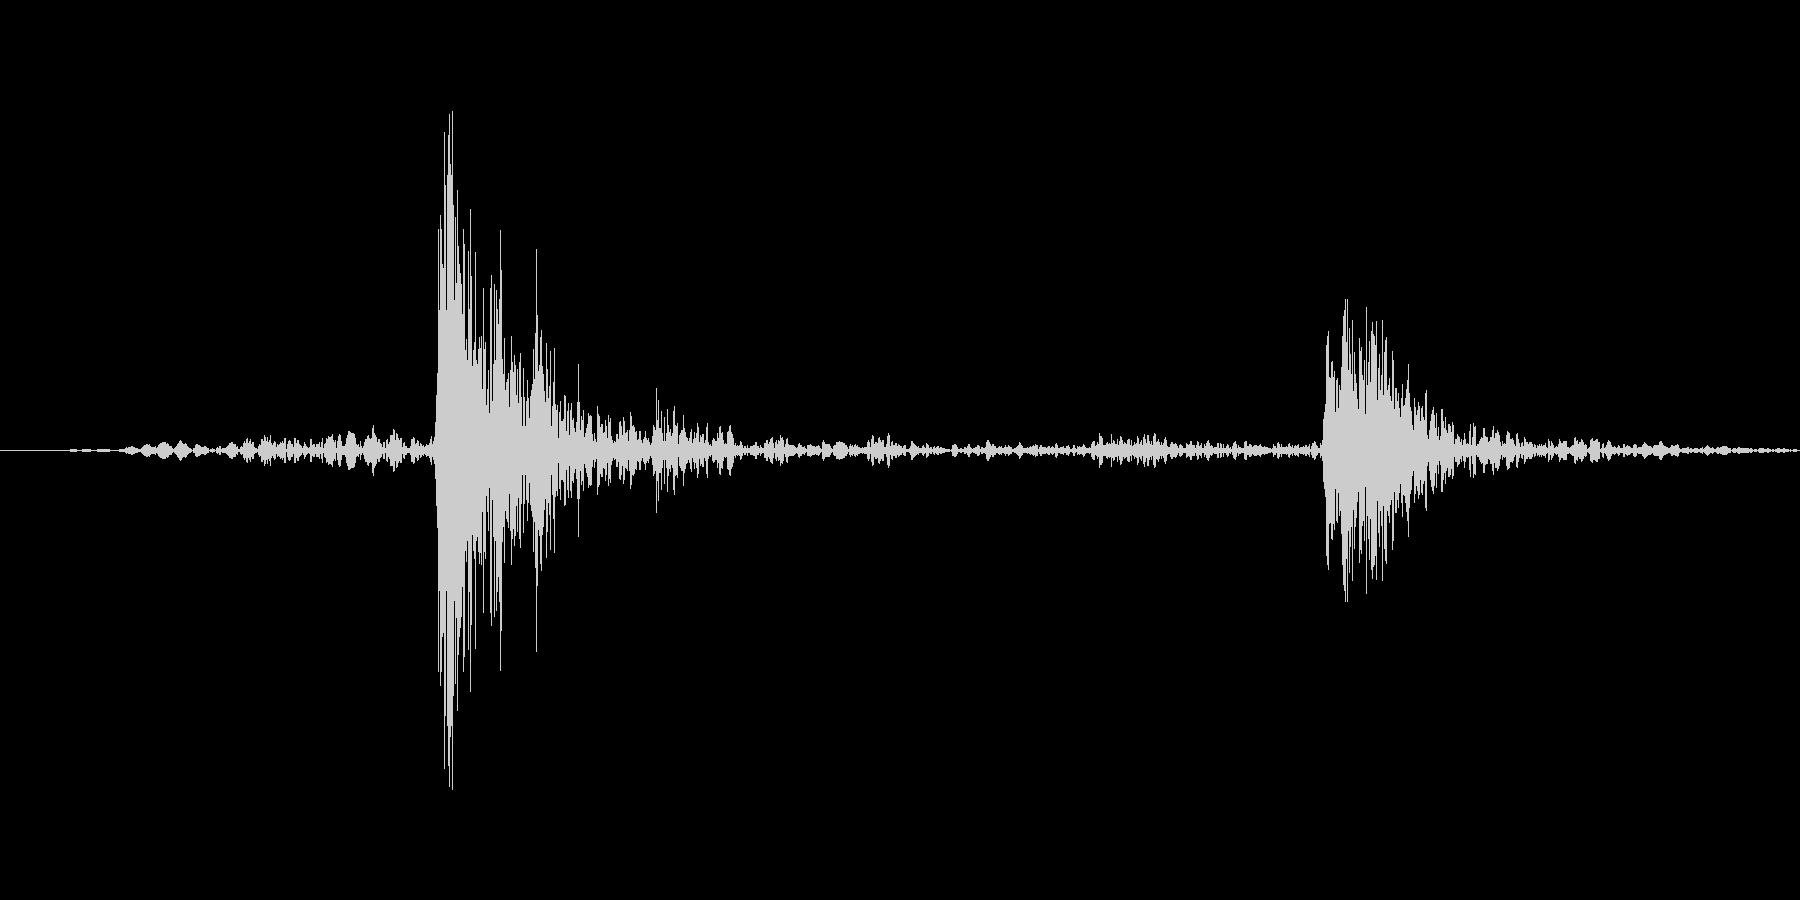 カチャ(ライトを紐スイッチでつけた音)の未再生の波形